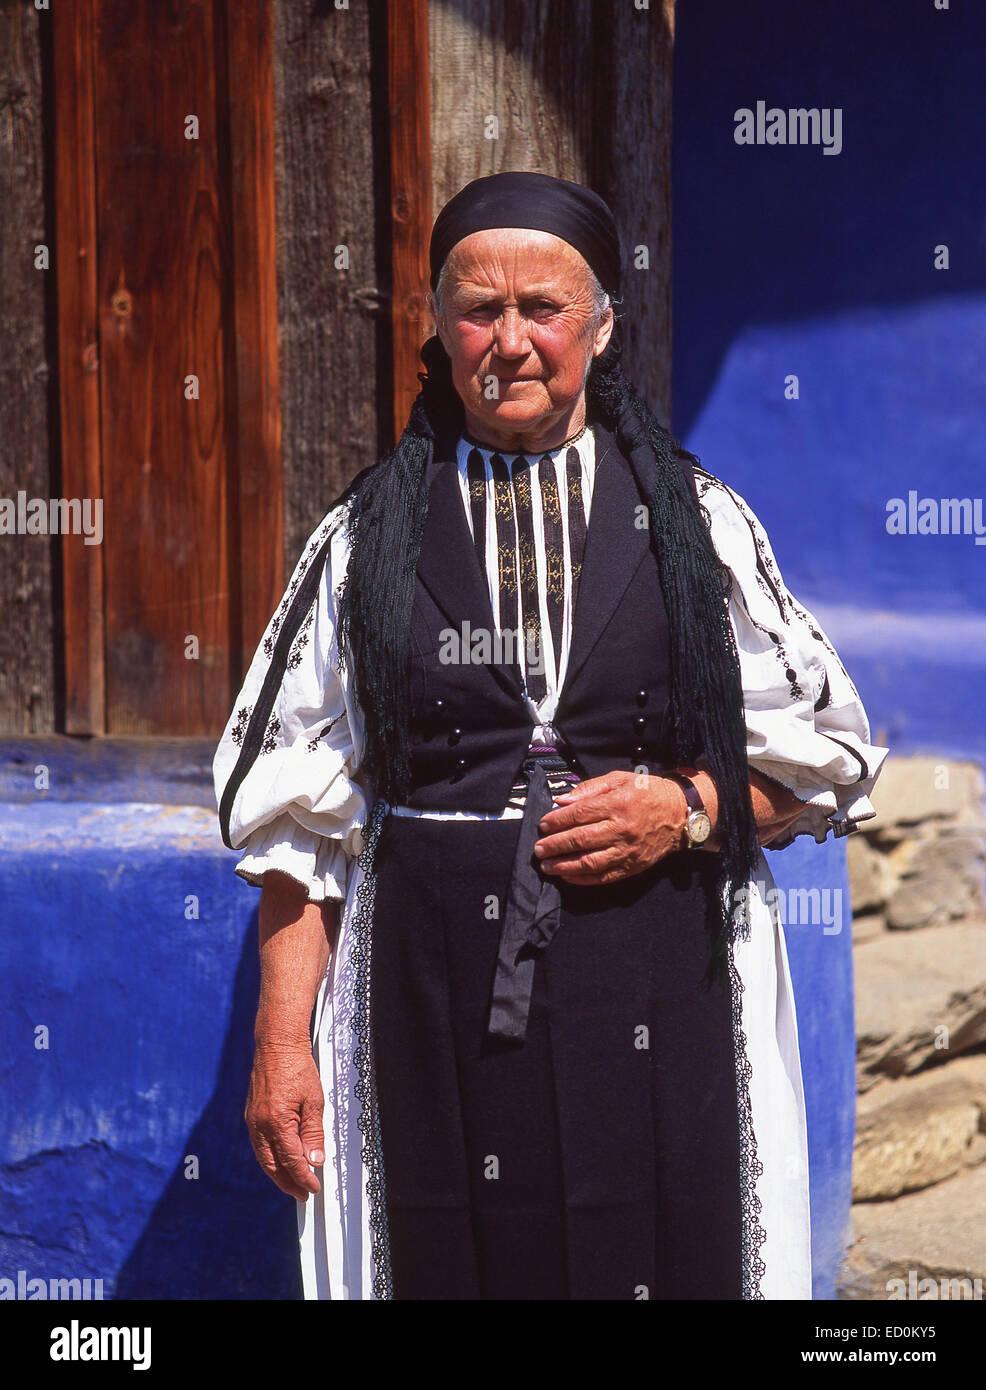 Anciana con traje tradicional, Hargita Pöltinis, Condado, Centru (Transilvania) Región, Rumania Imagen De Stock